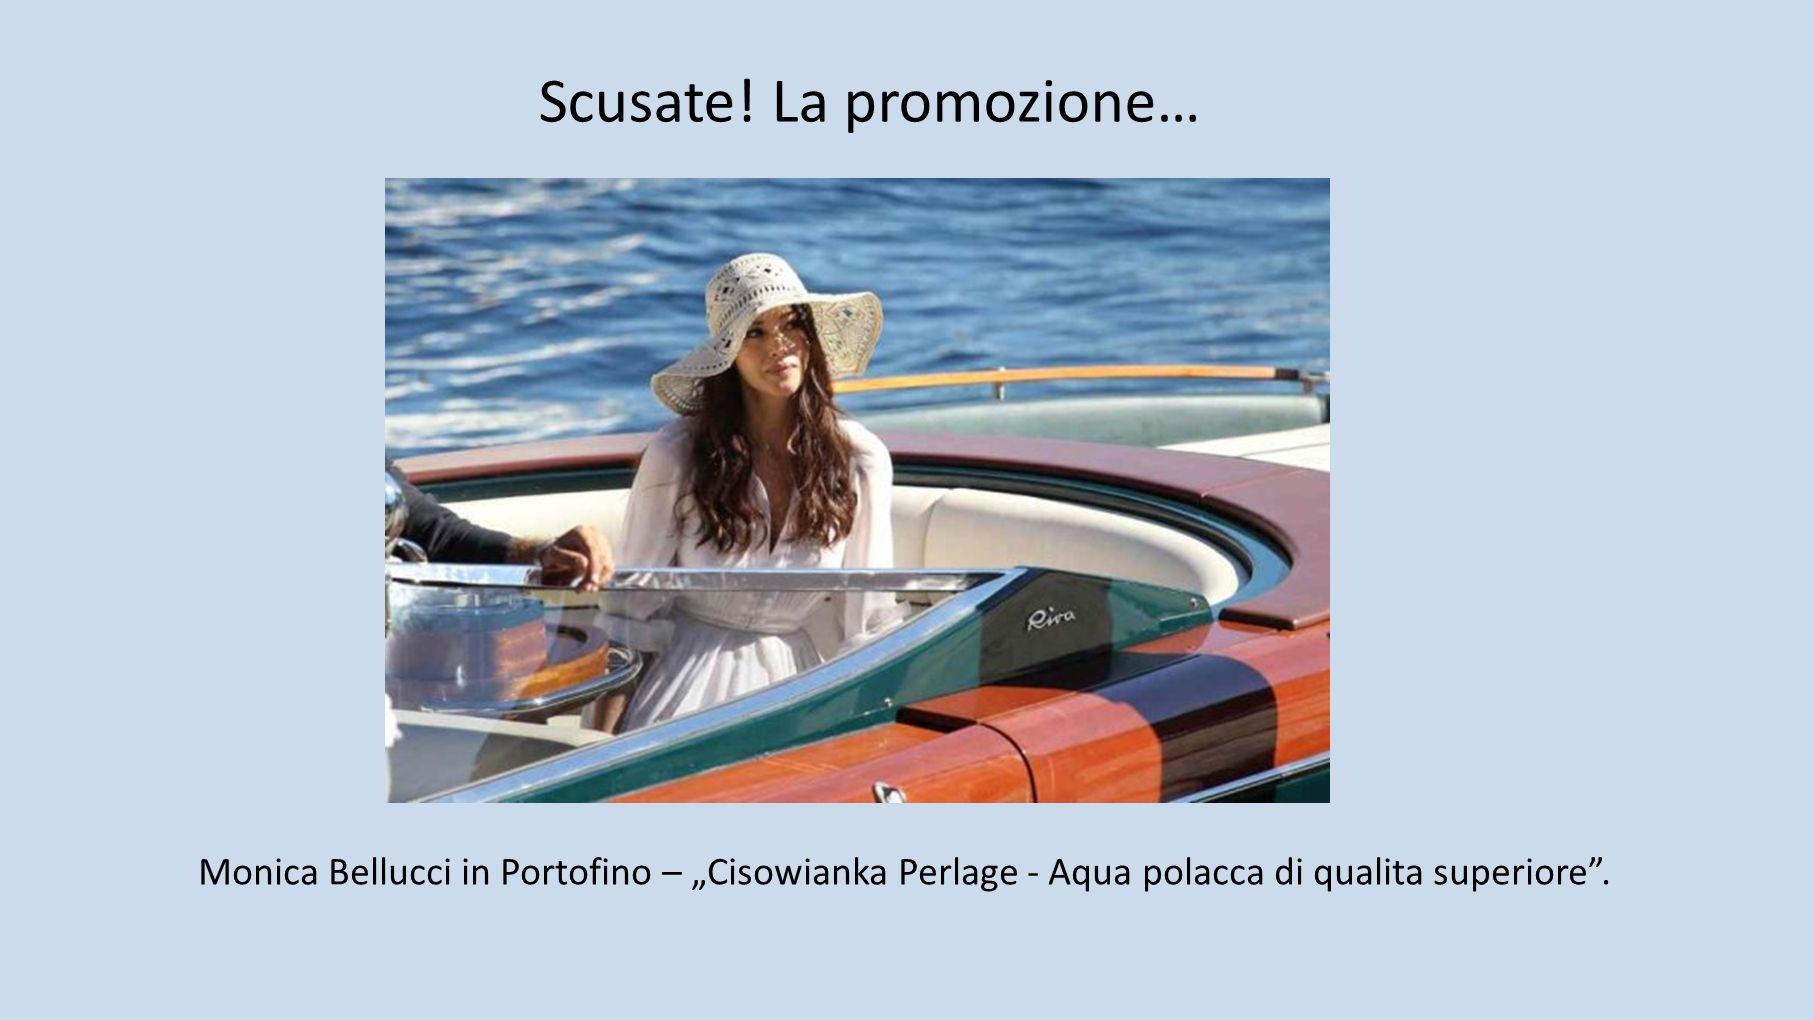 Monica Bellucci in Portofino – Cisowianka Perlage - Aqua polacca di qualita superiore.